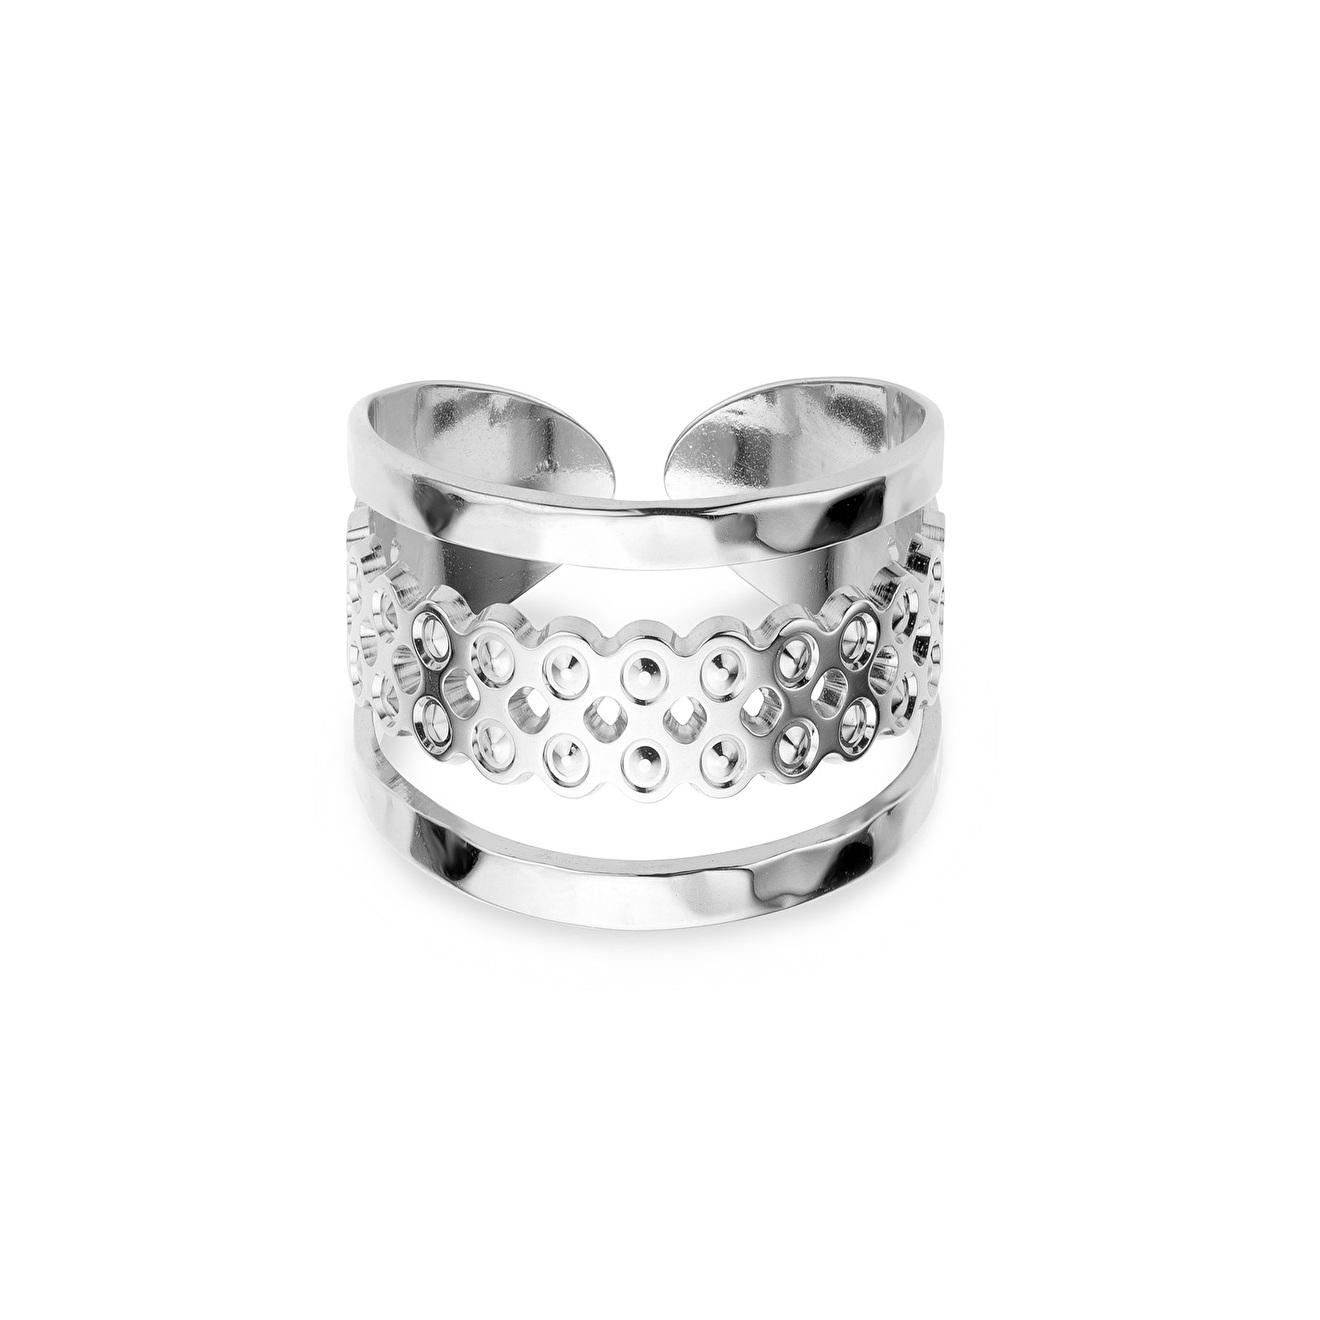 Mya Bay Покрытое серебром кольцо Manhattan